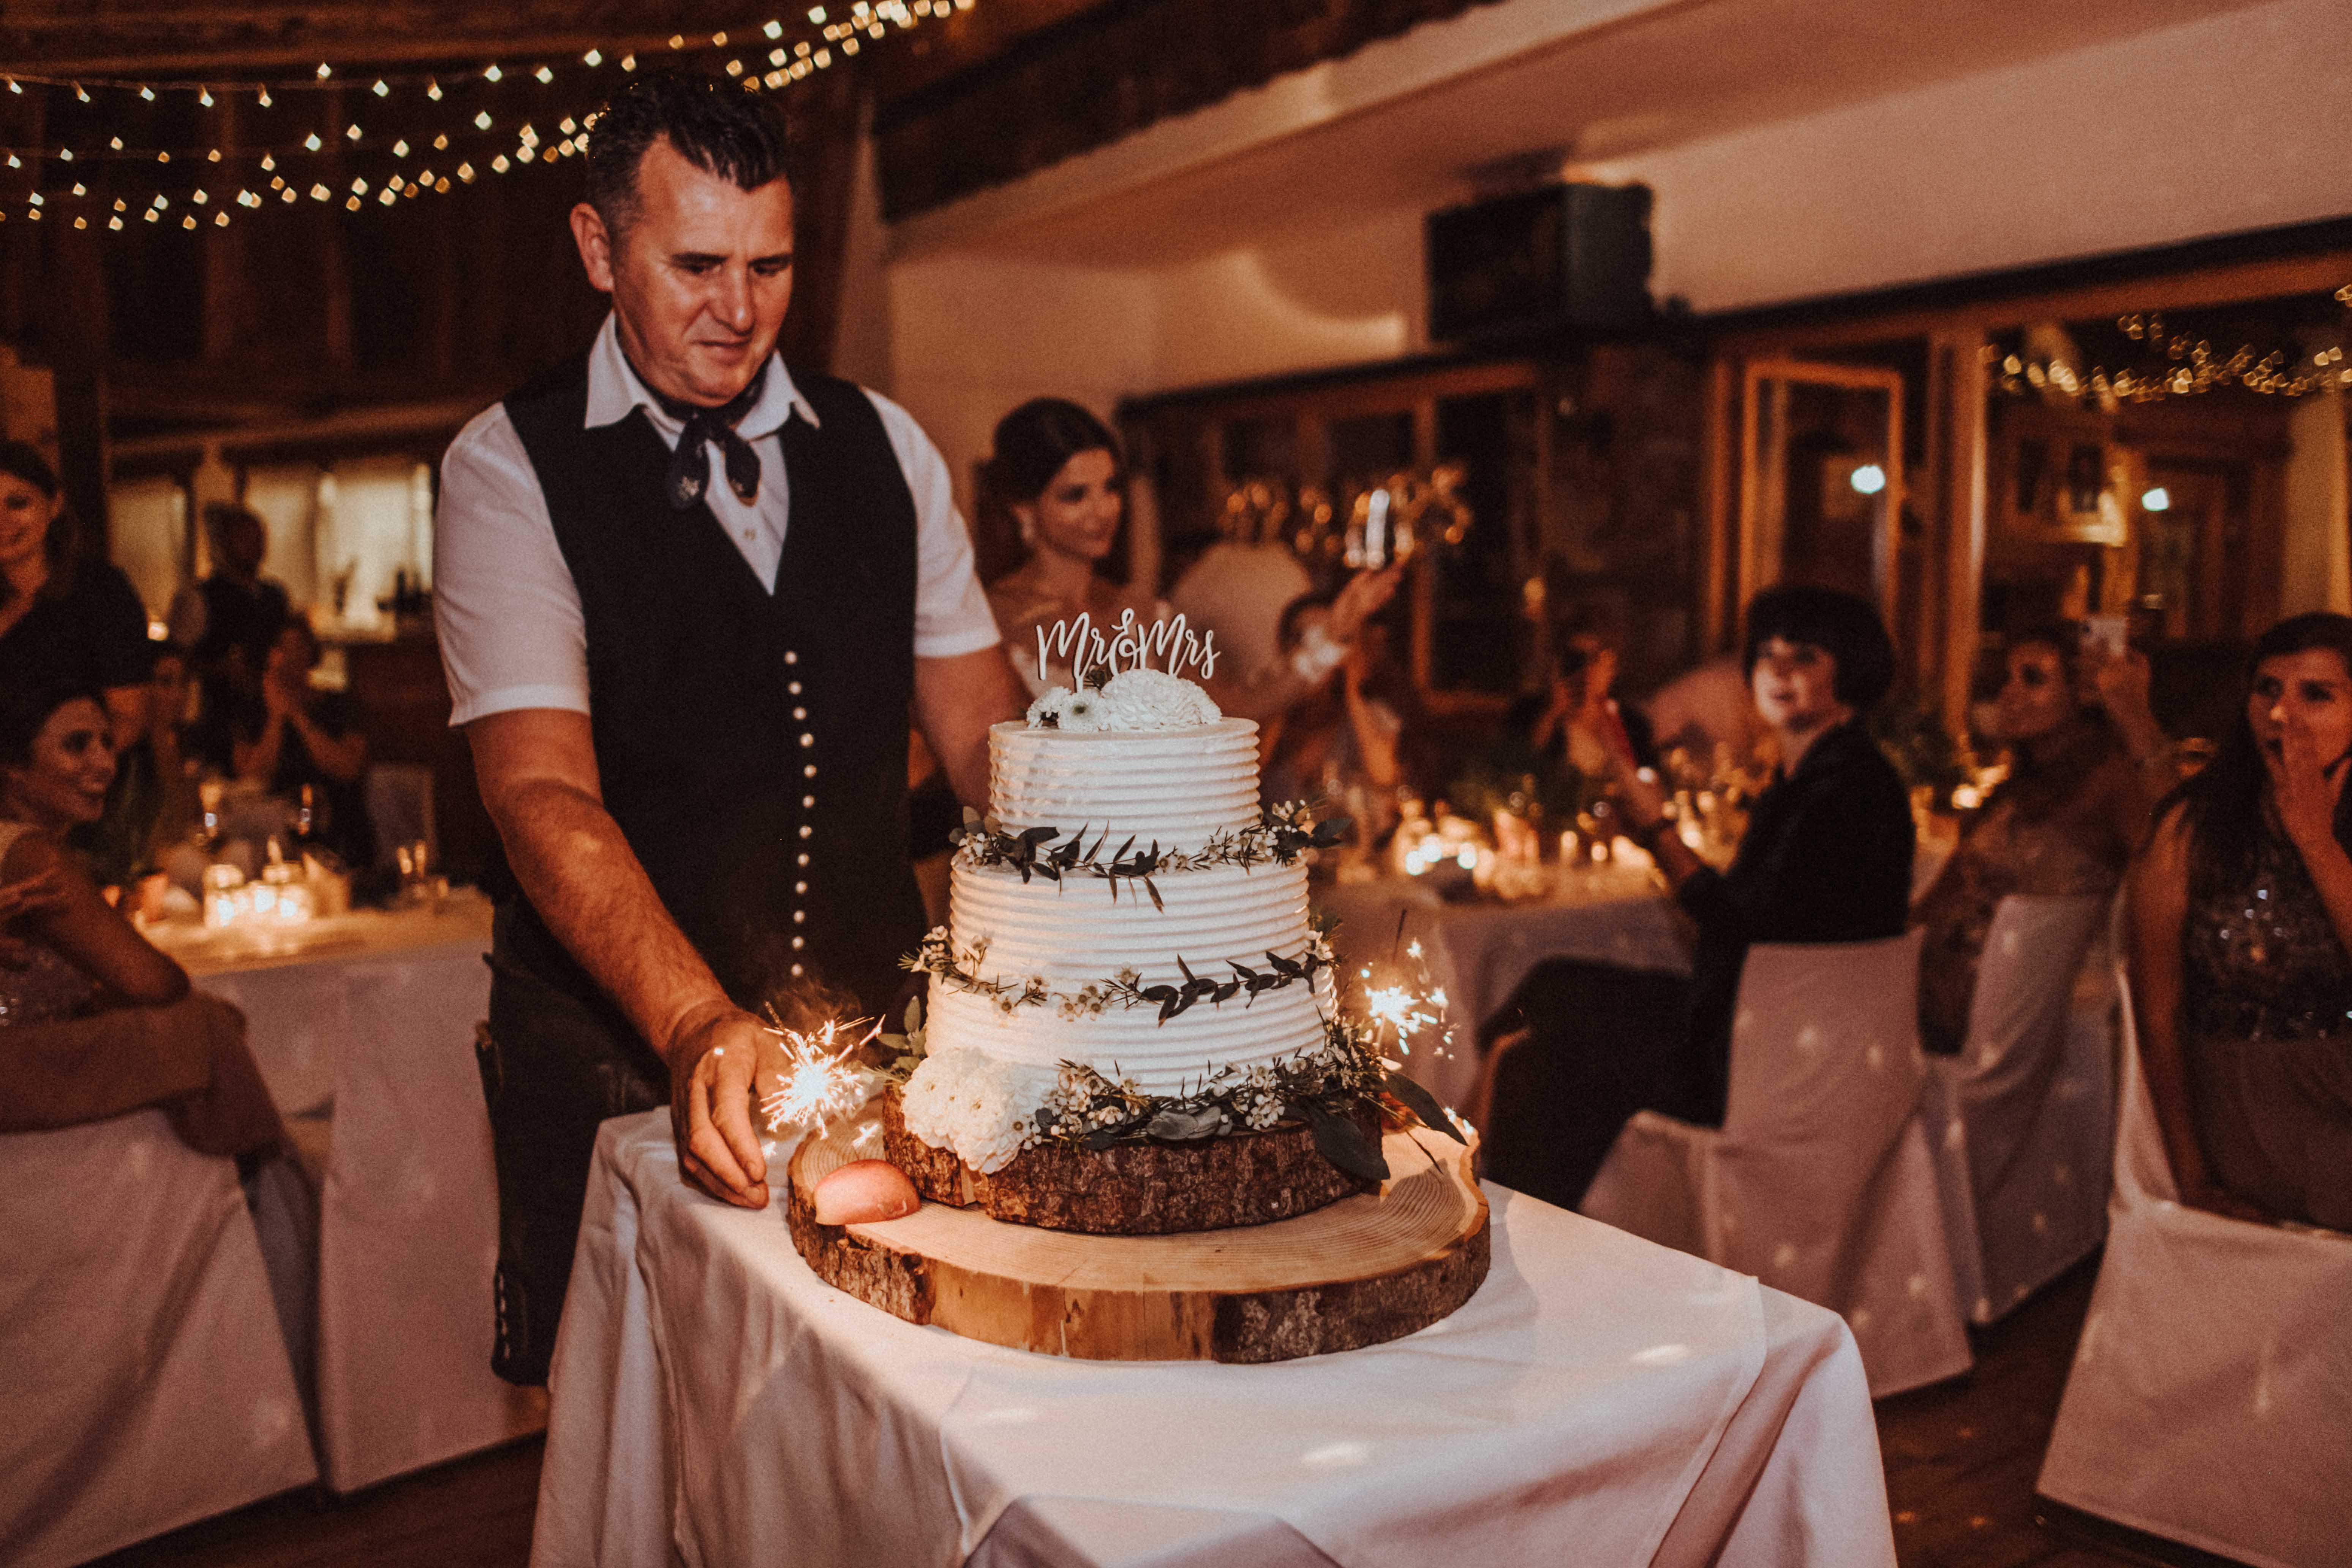 hochzeitstorte cake Sonja Pöhlmann Photography Wedding München Bayern